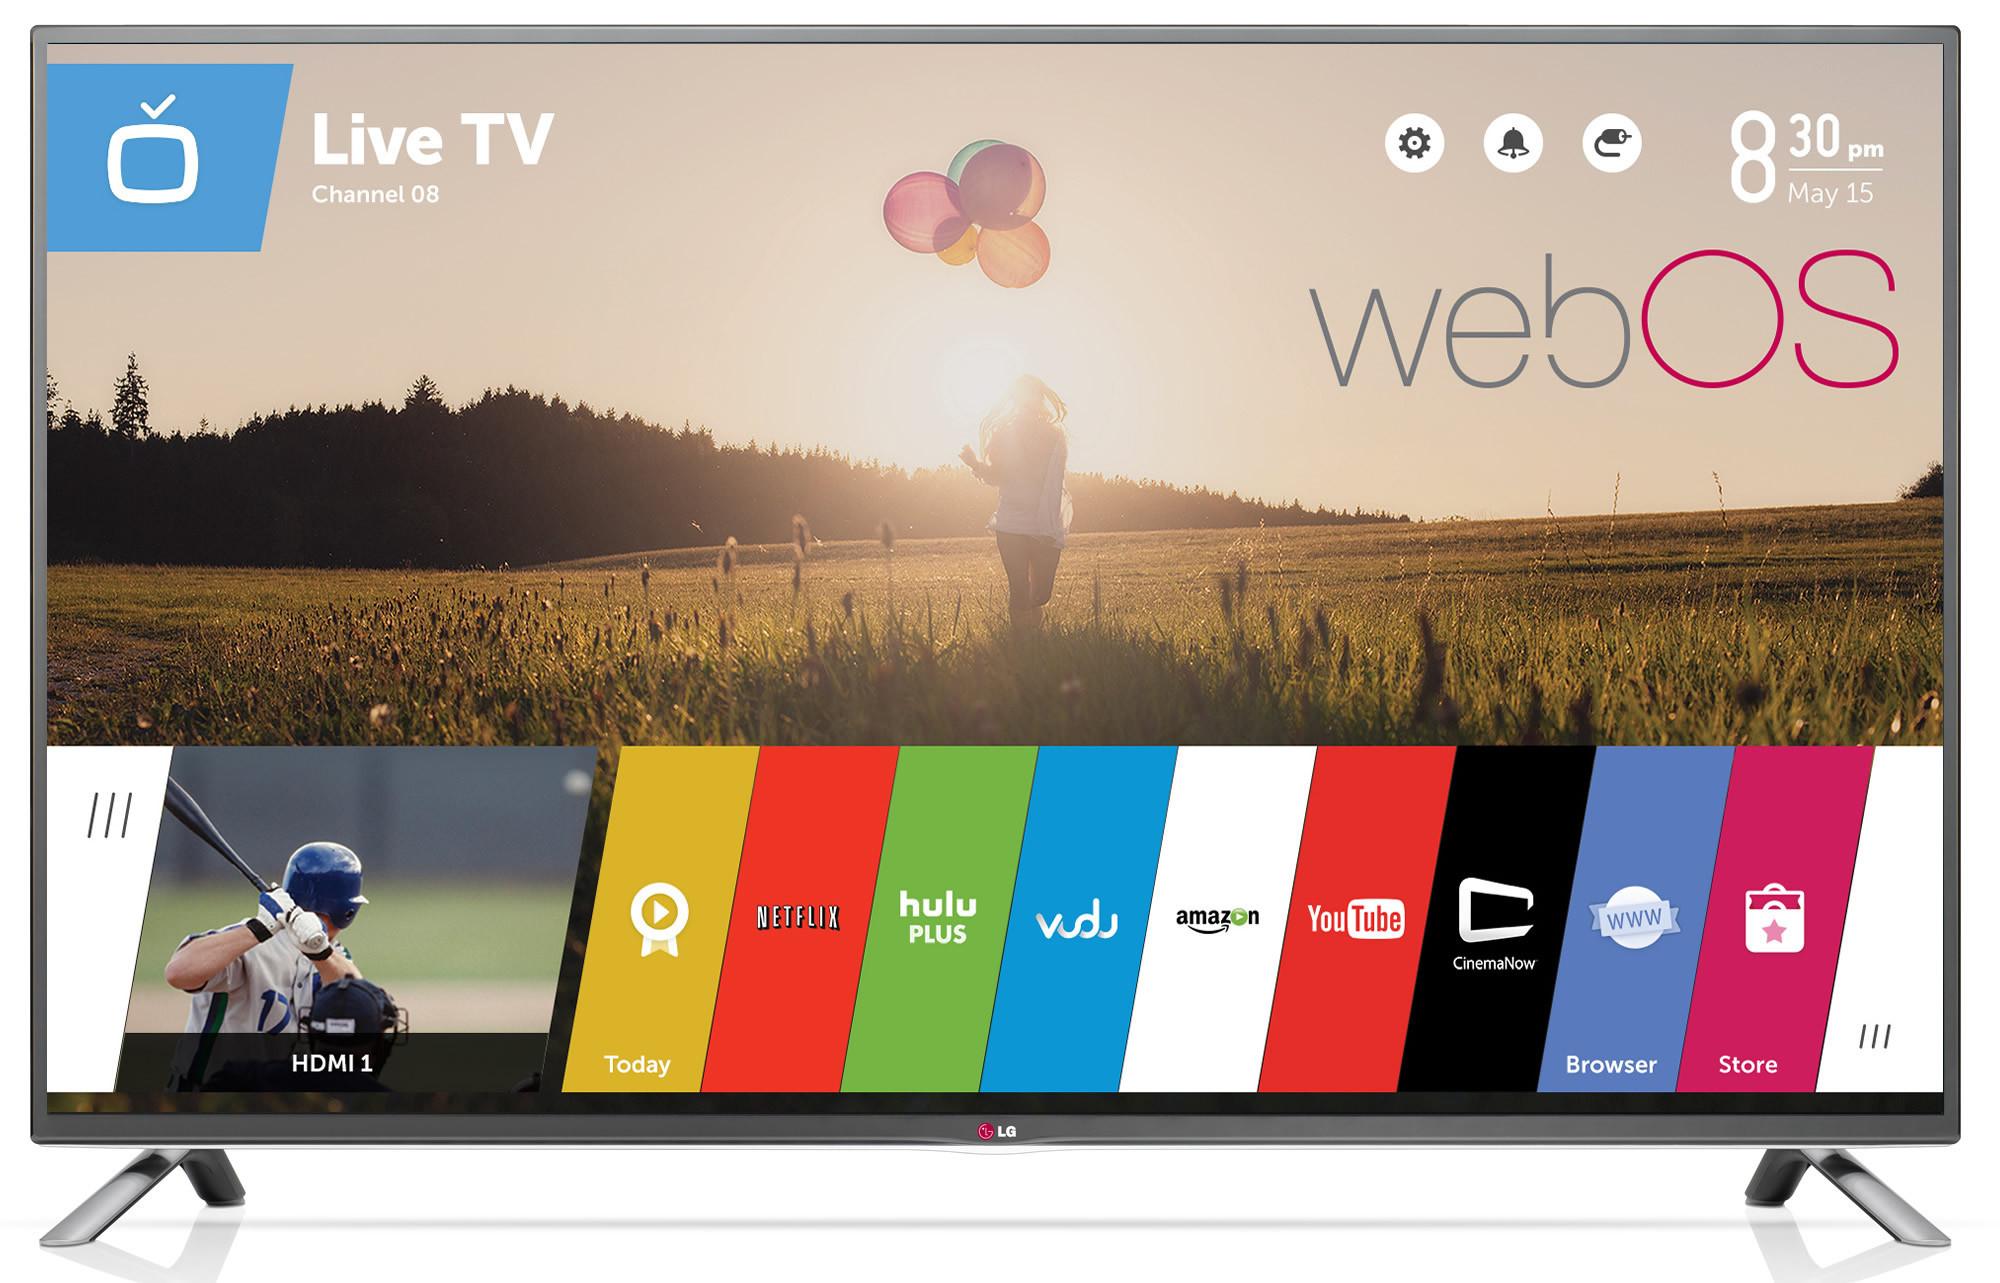 телевизор с web os